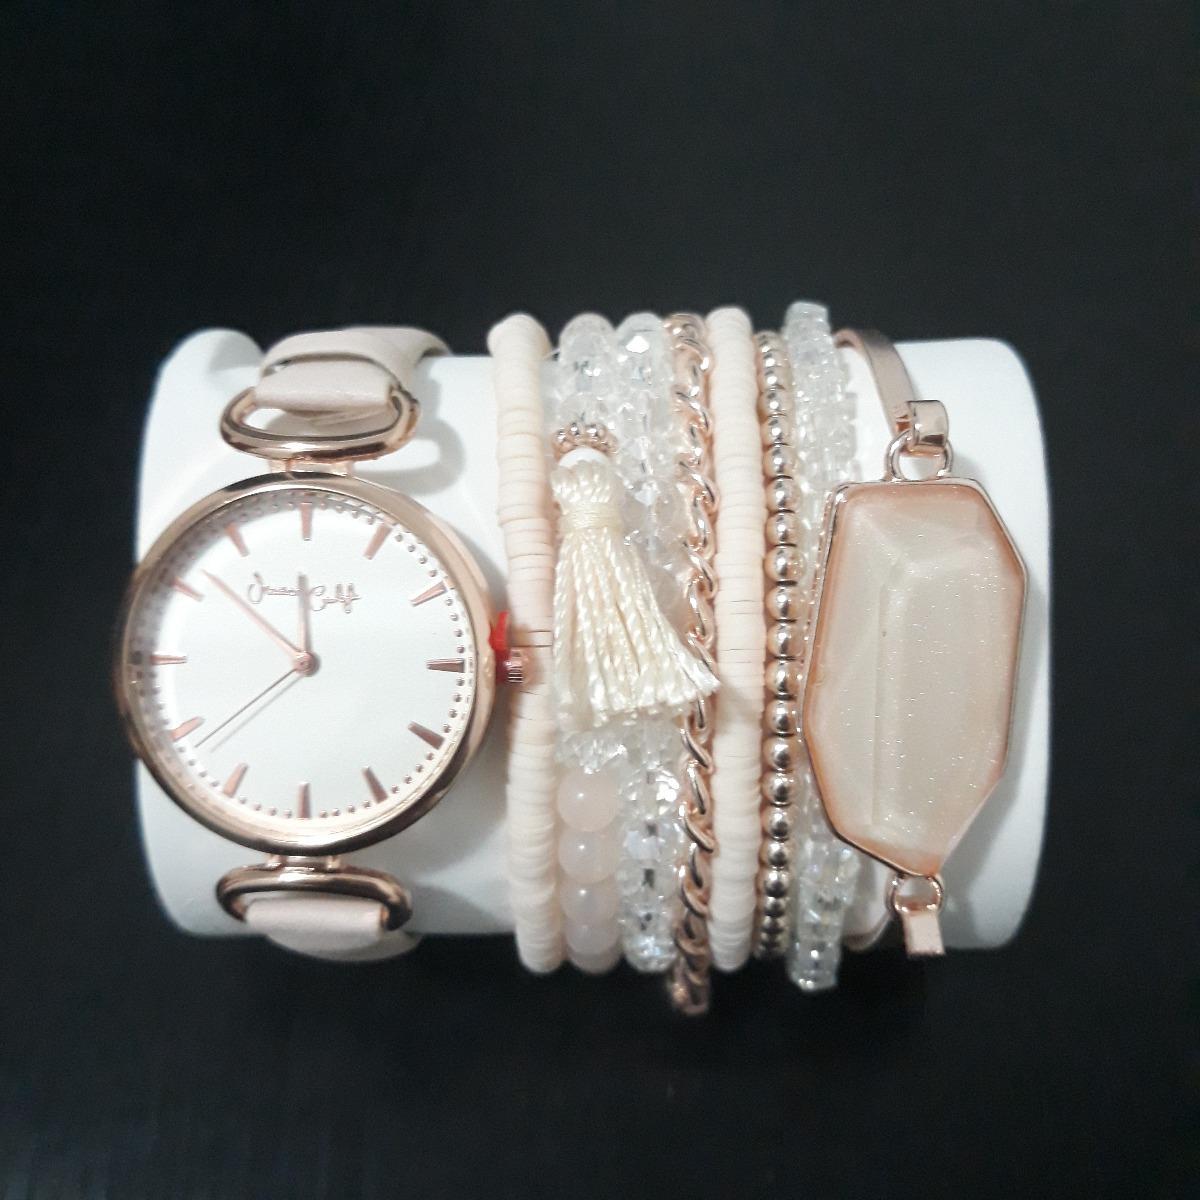 327dc8afdc1 relógio importado feminino rose gold - jessica carlyle. Carregando zoom.